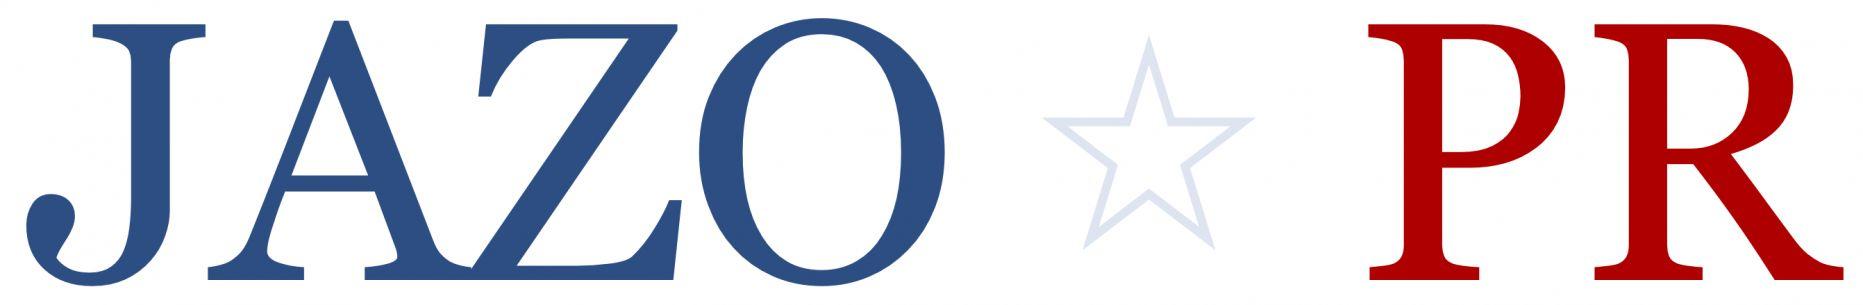 JazoPR Logo